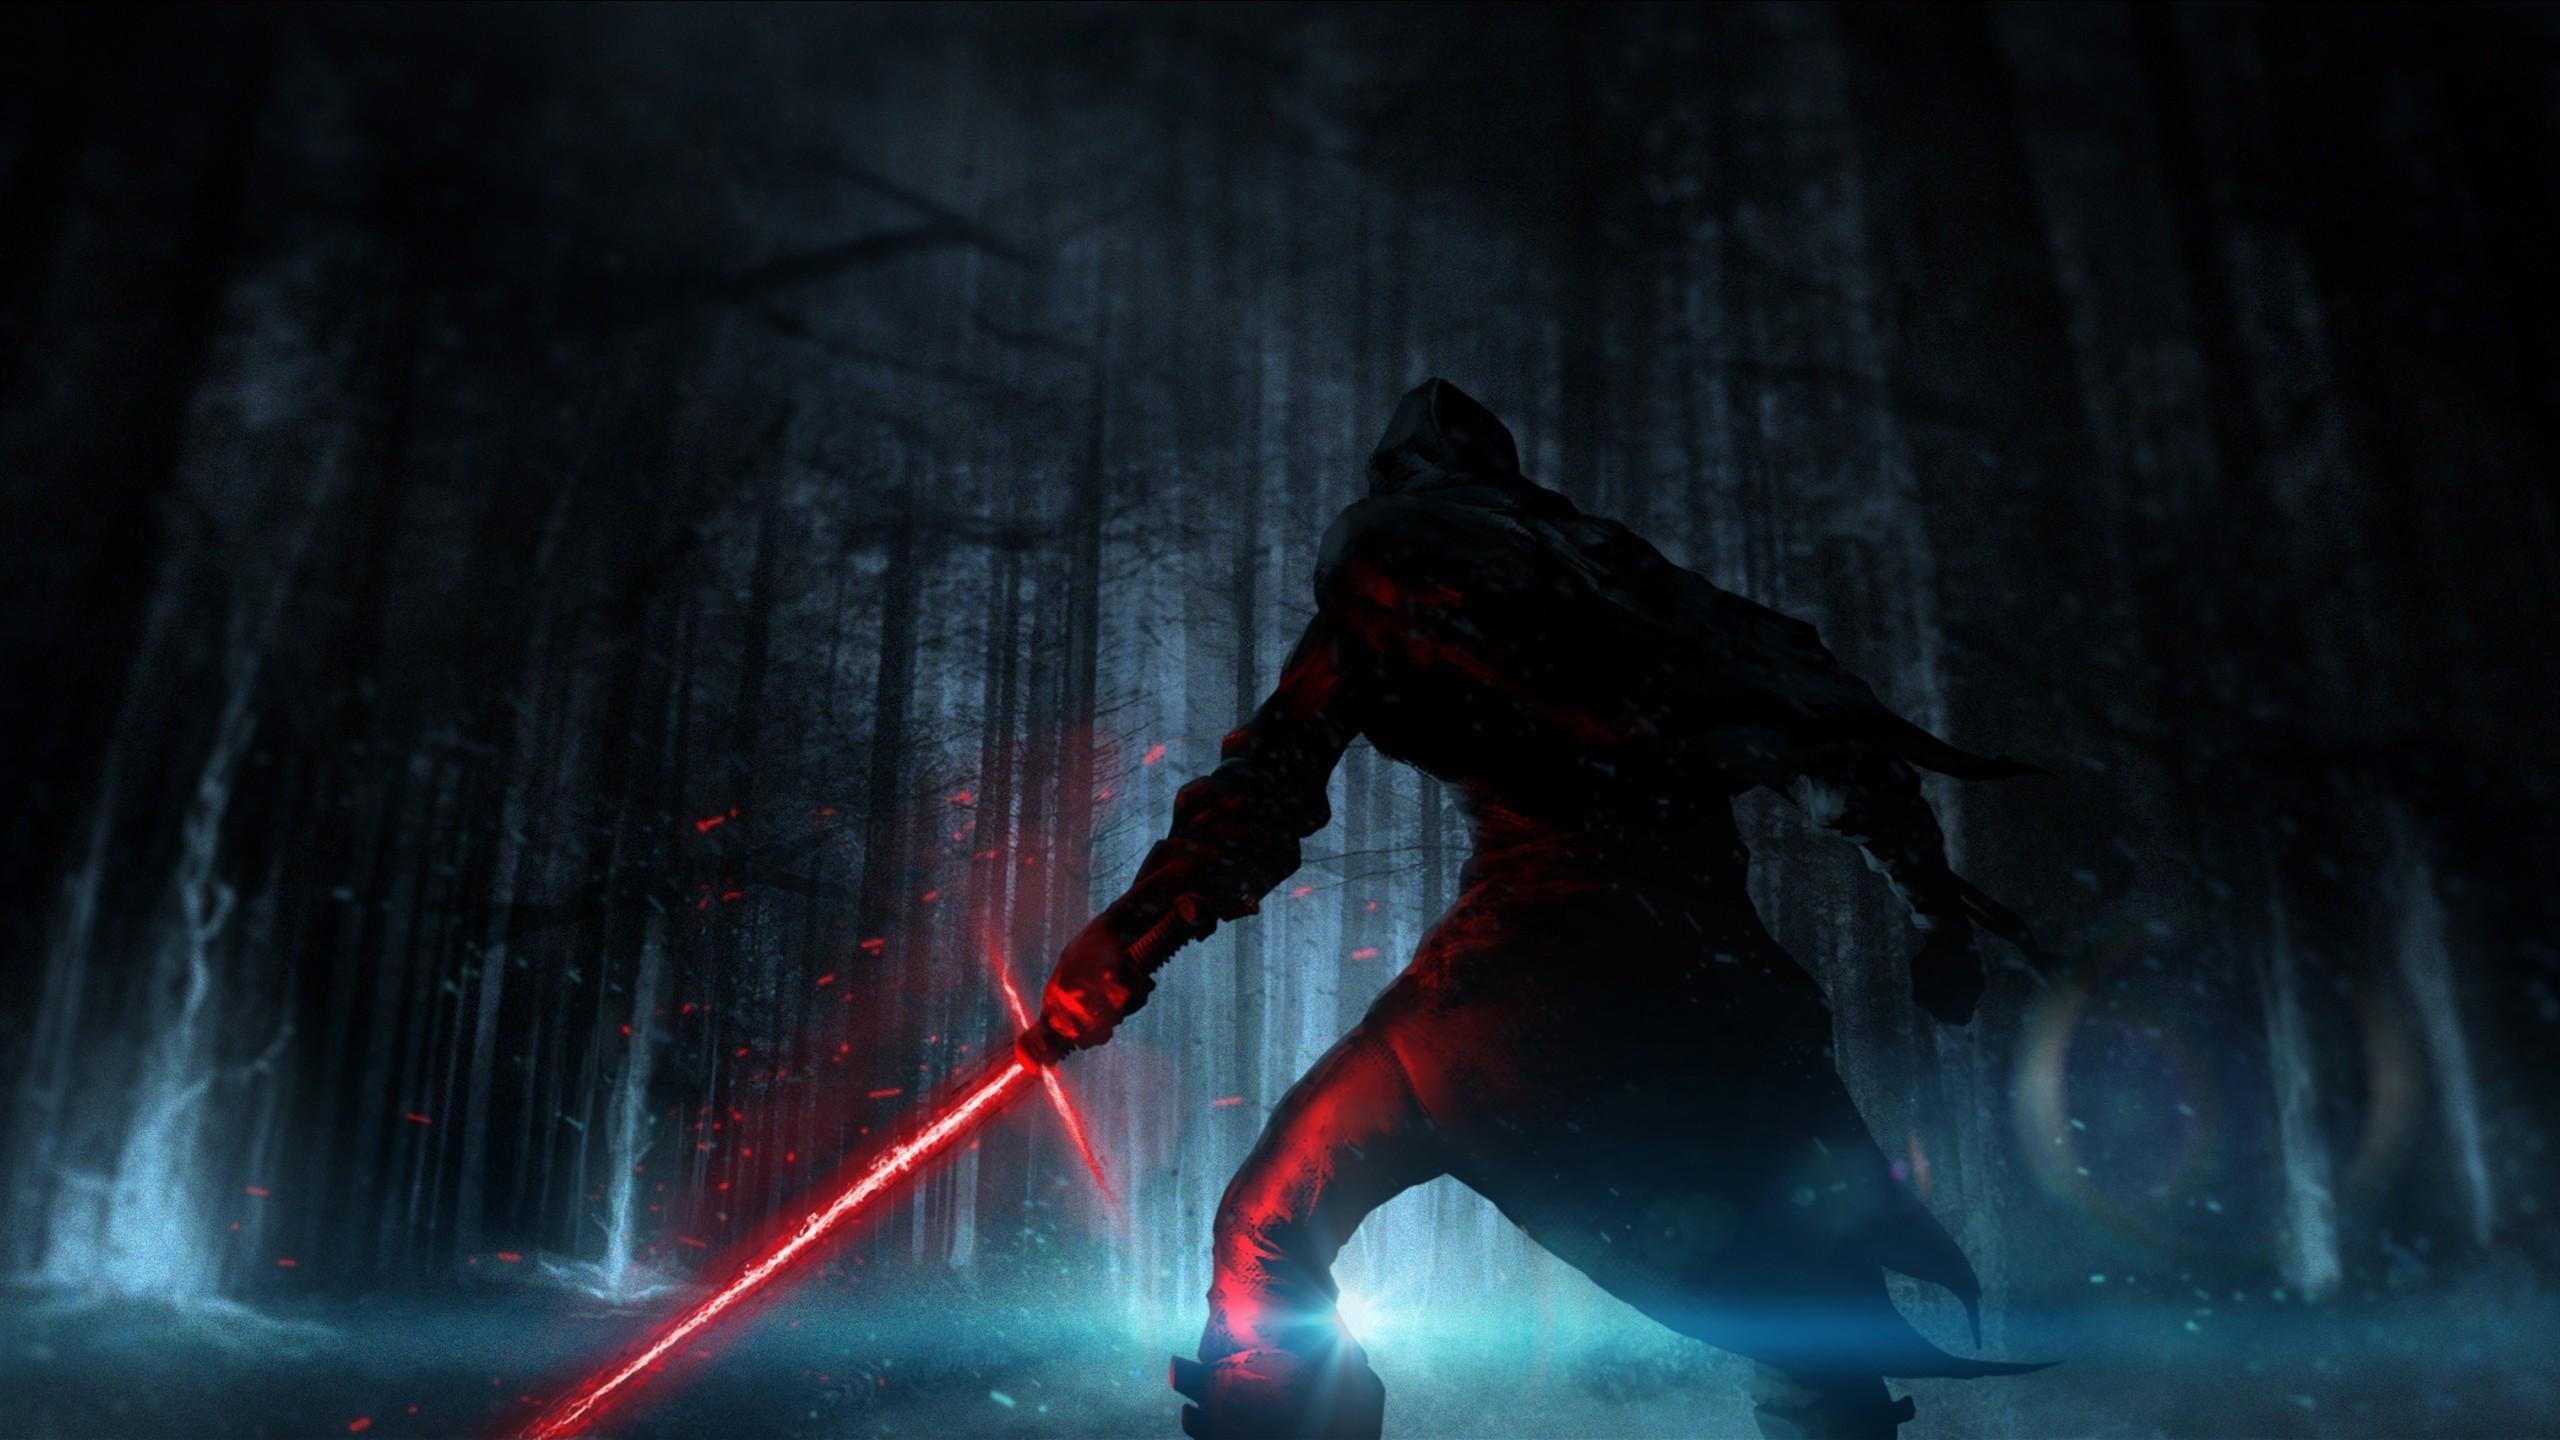 Star Wars, Kylo Ren, Sith, Star Wars: Episode VII The Force Awakens